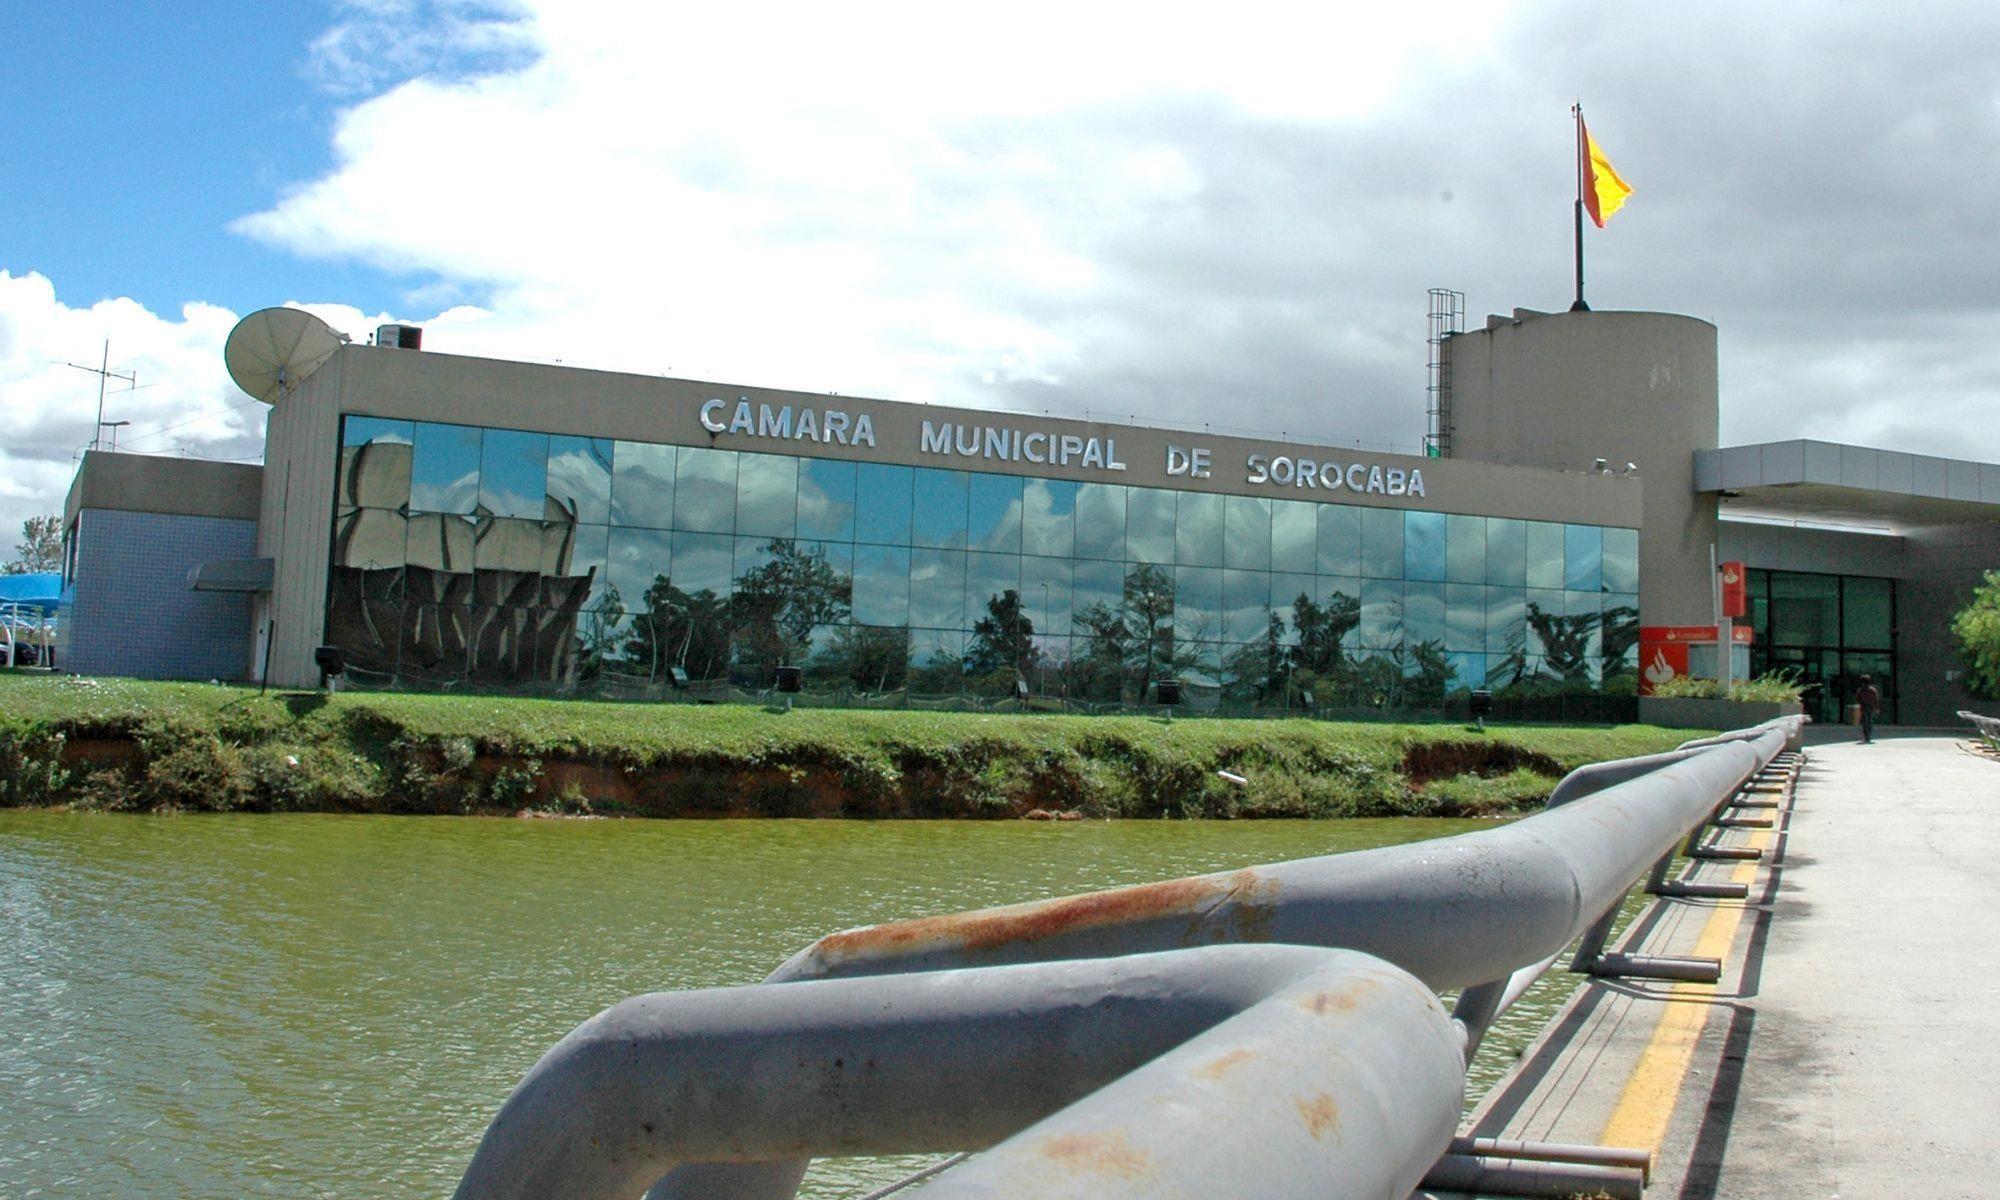 camara, municipal, sorocaba, , Foguinho/Arquivo Imprensa SMetal